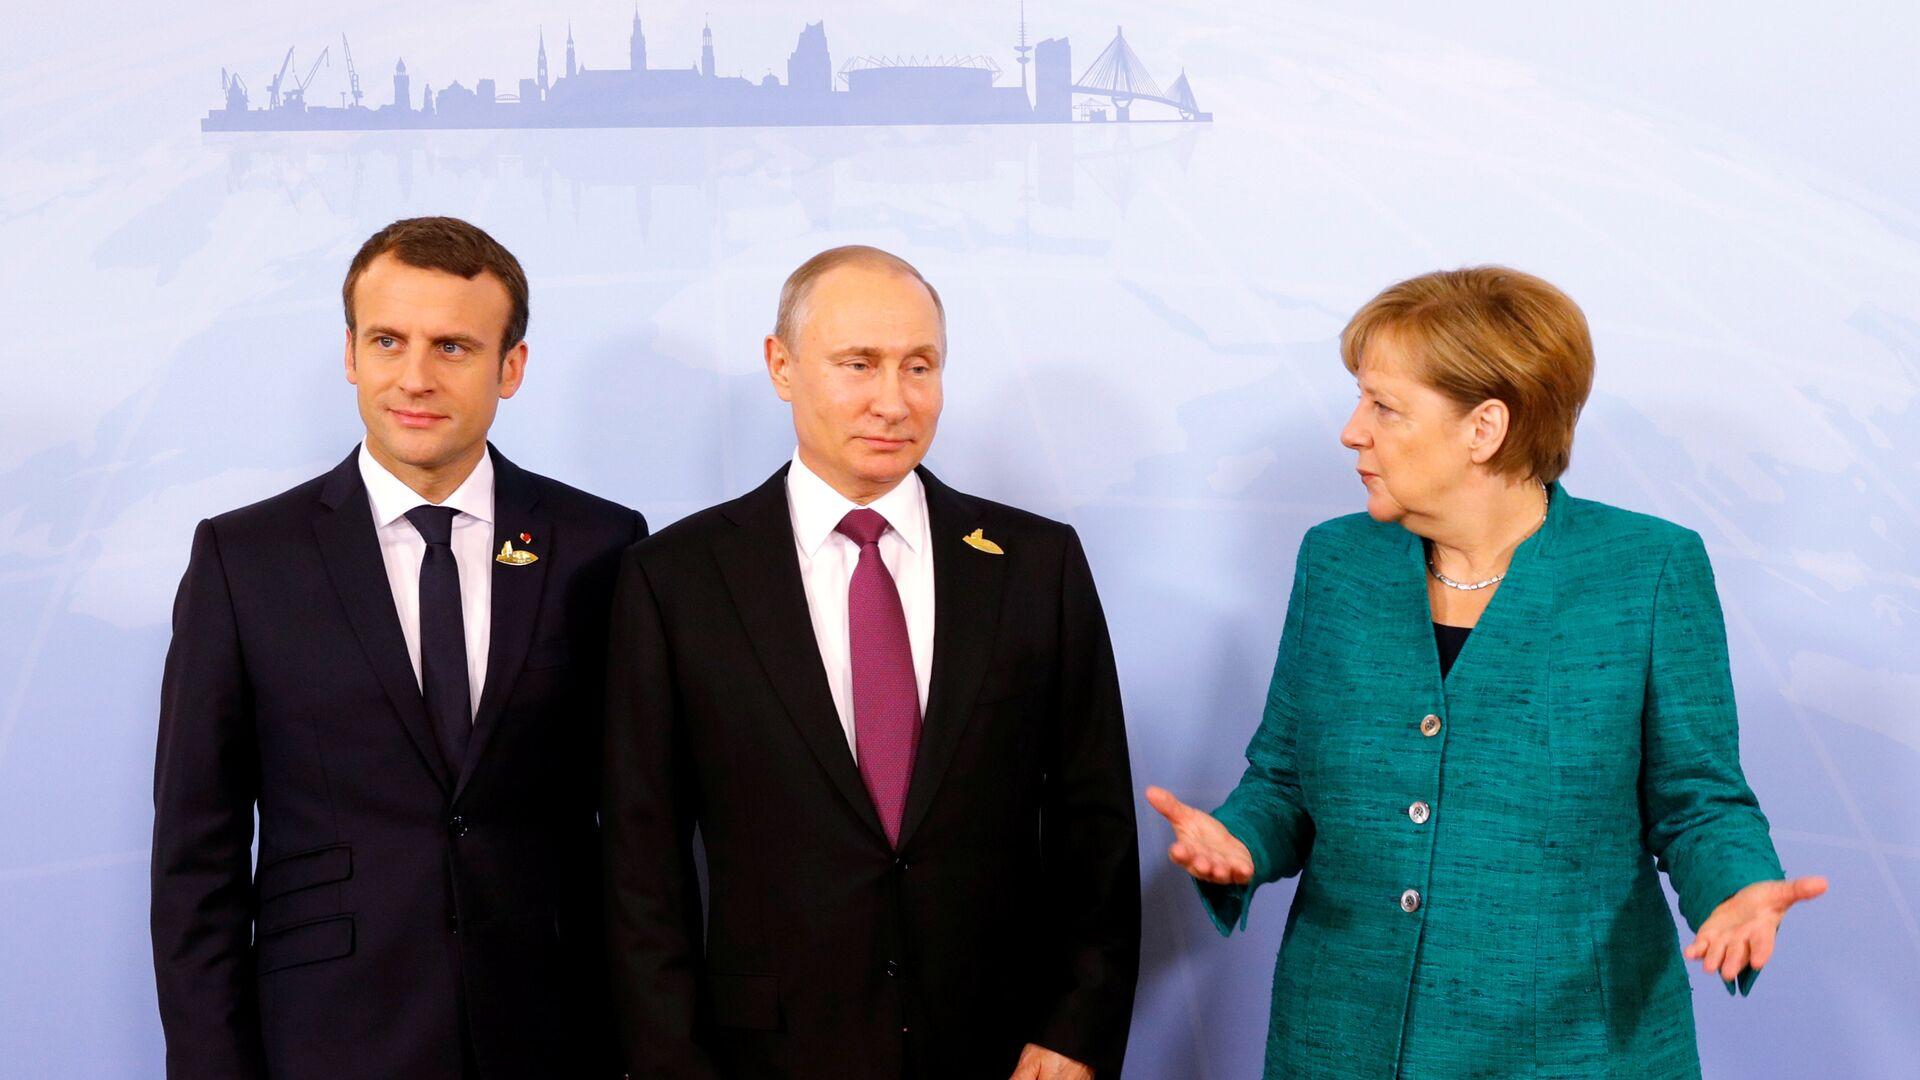 Los presidentes de Francia y Rusia, Emmanuel Macron y Vladímir Putin, y la canciller alemana, Angela Merkel - Sputnik Mundo, 1920, 11.10.2021